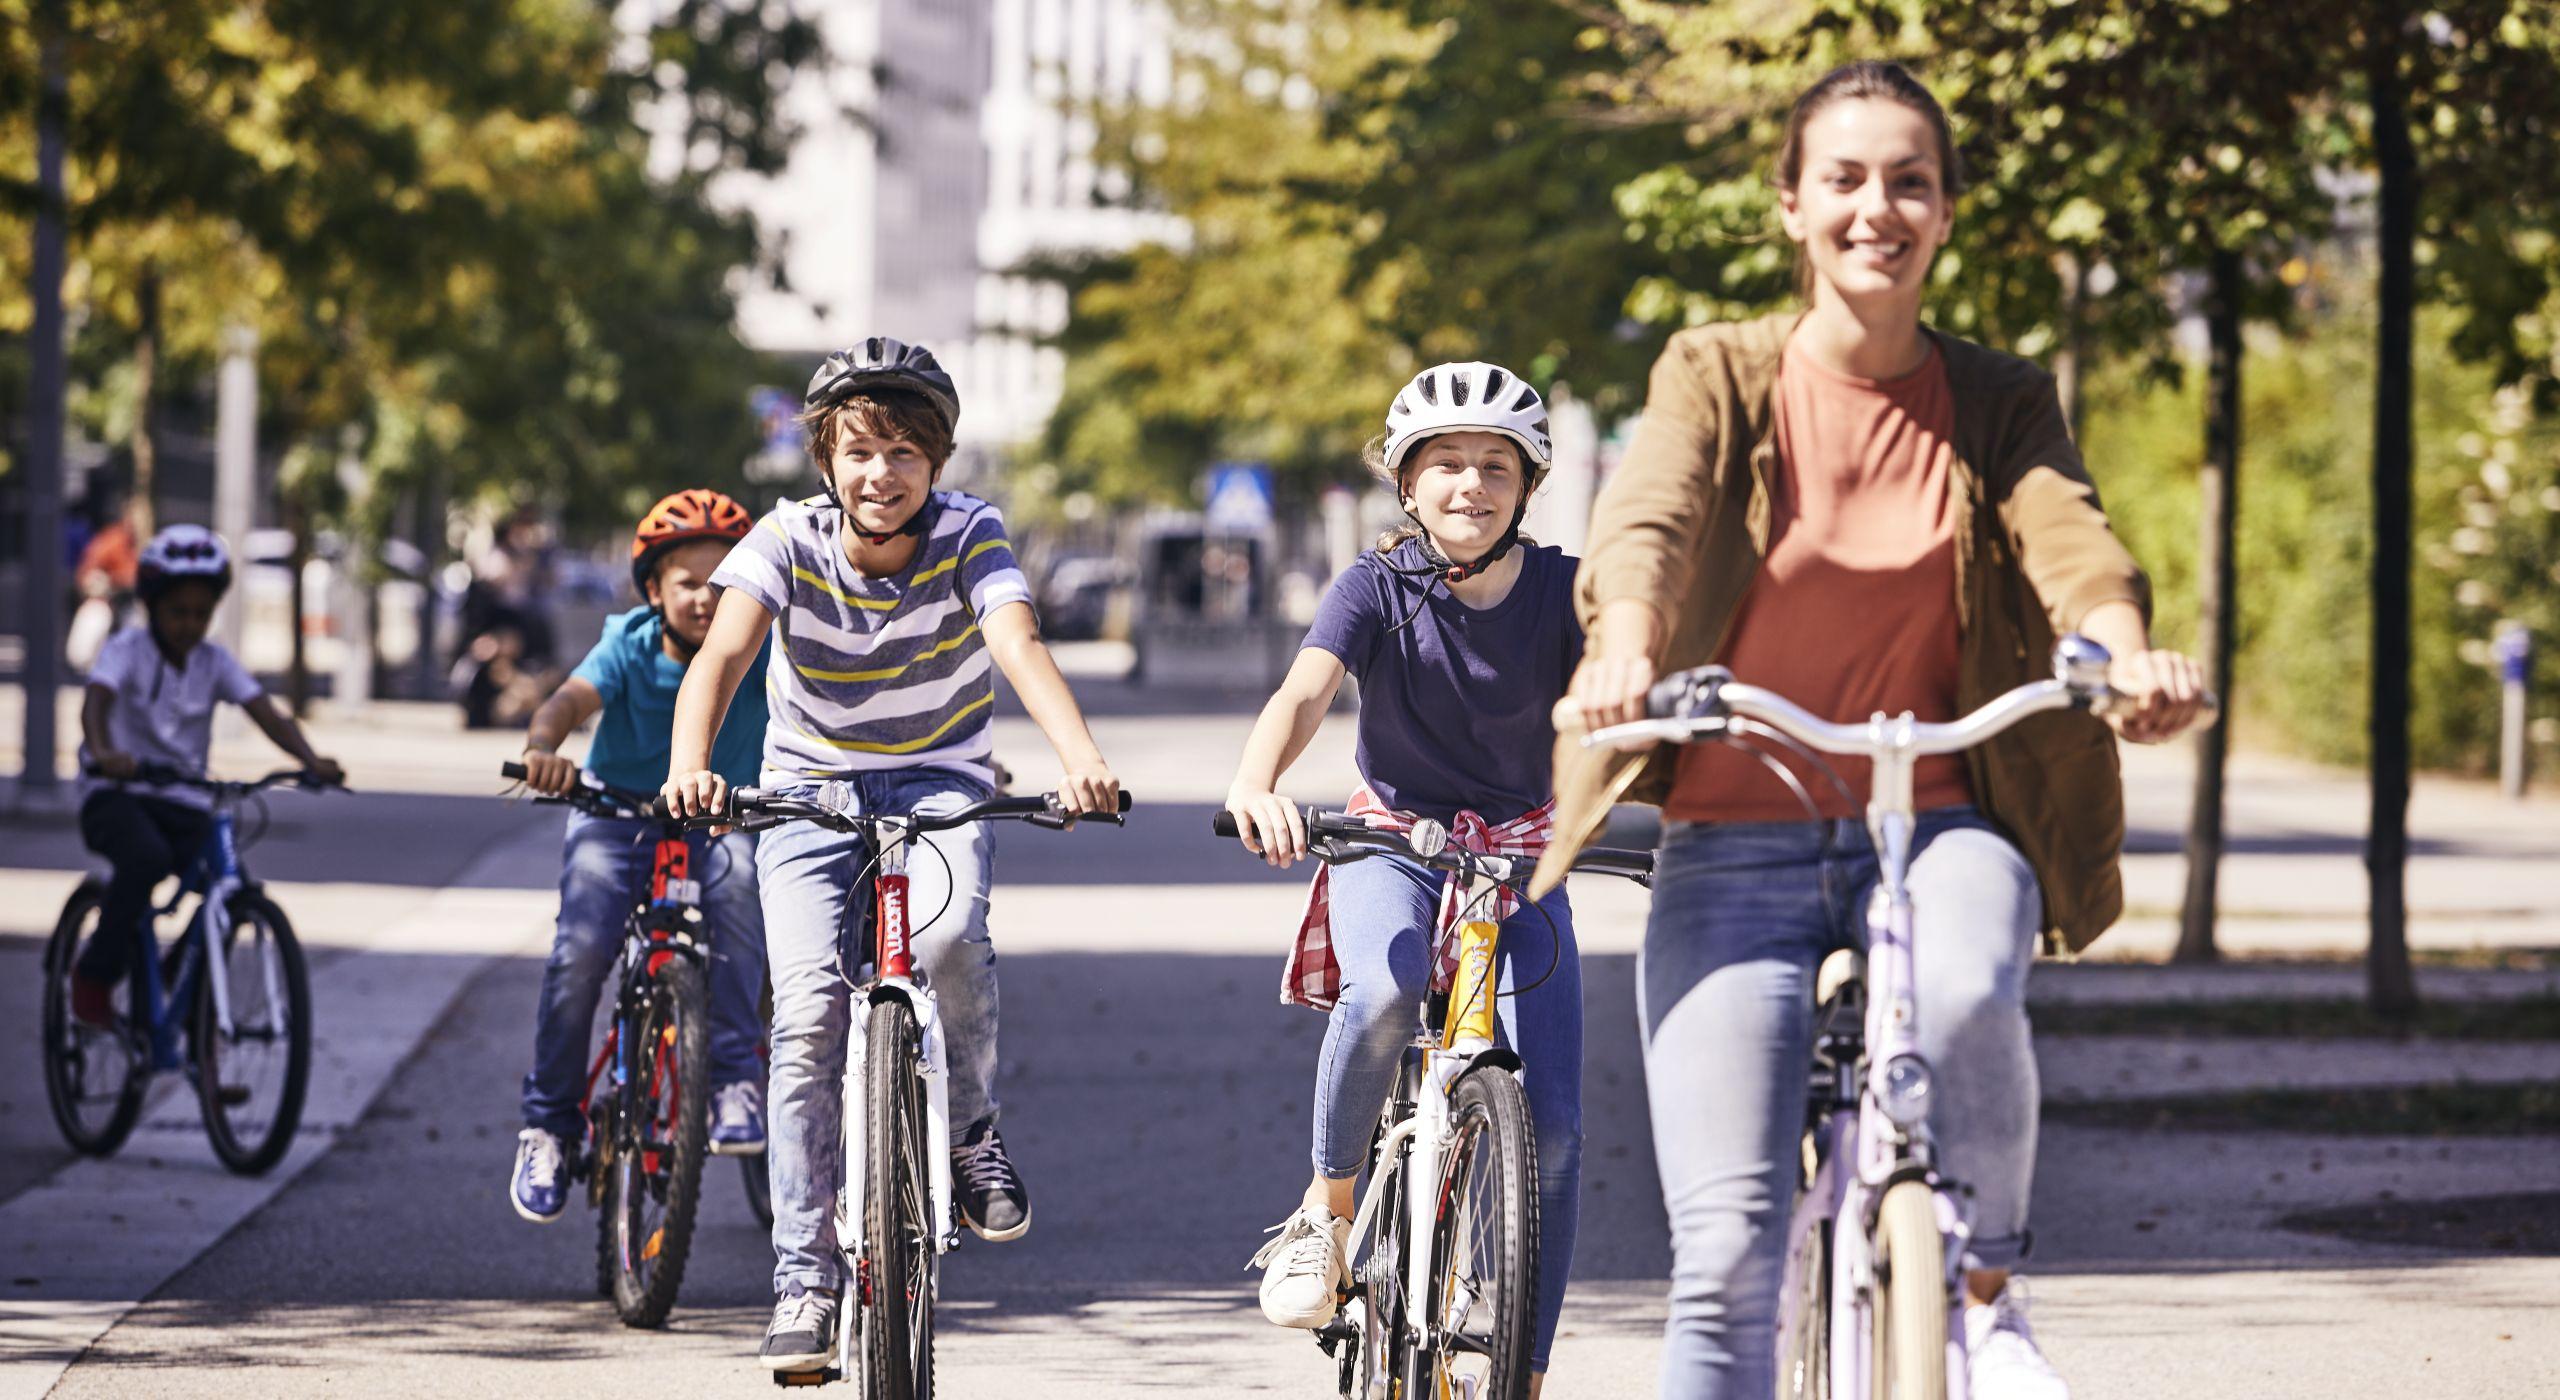 Drei Kinder und eine junge Frau sind gemeinsam auf ihren Fahrrädern unterwegs.